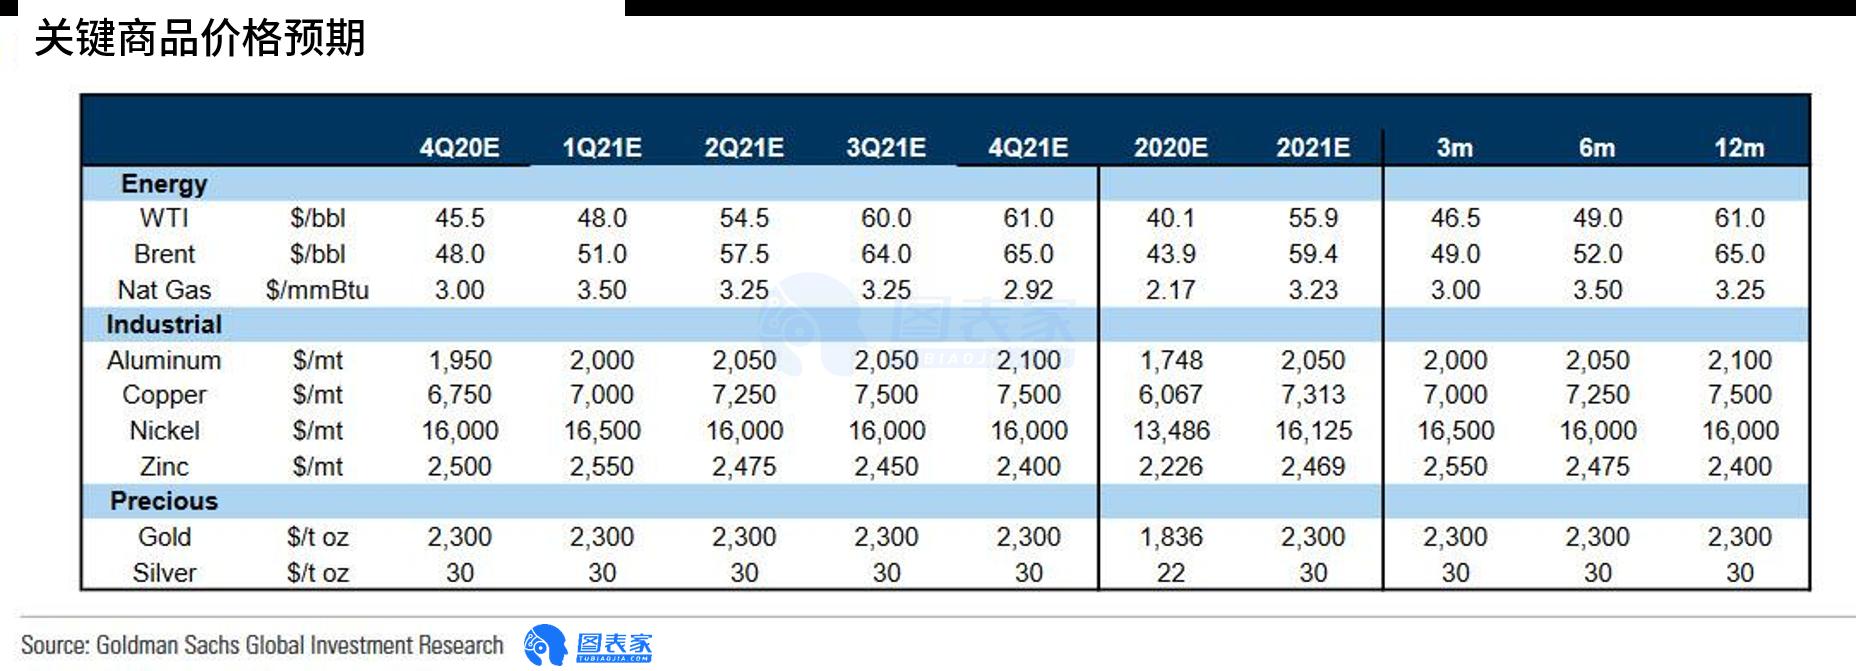 高盛:大宗商品将在2021年迎来结构性牛市,看涨现货黄金至2300